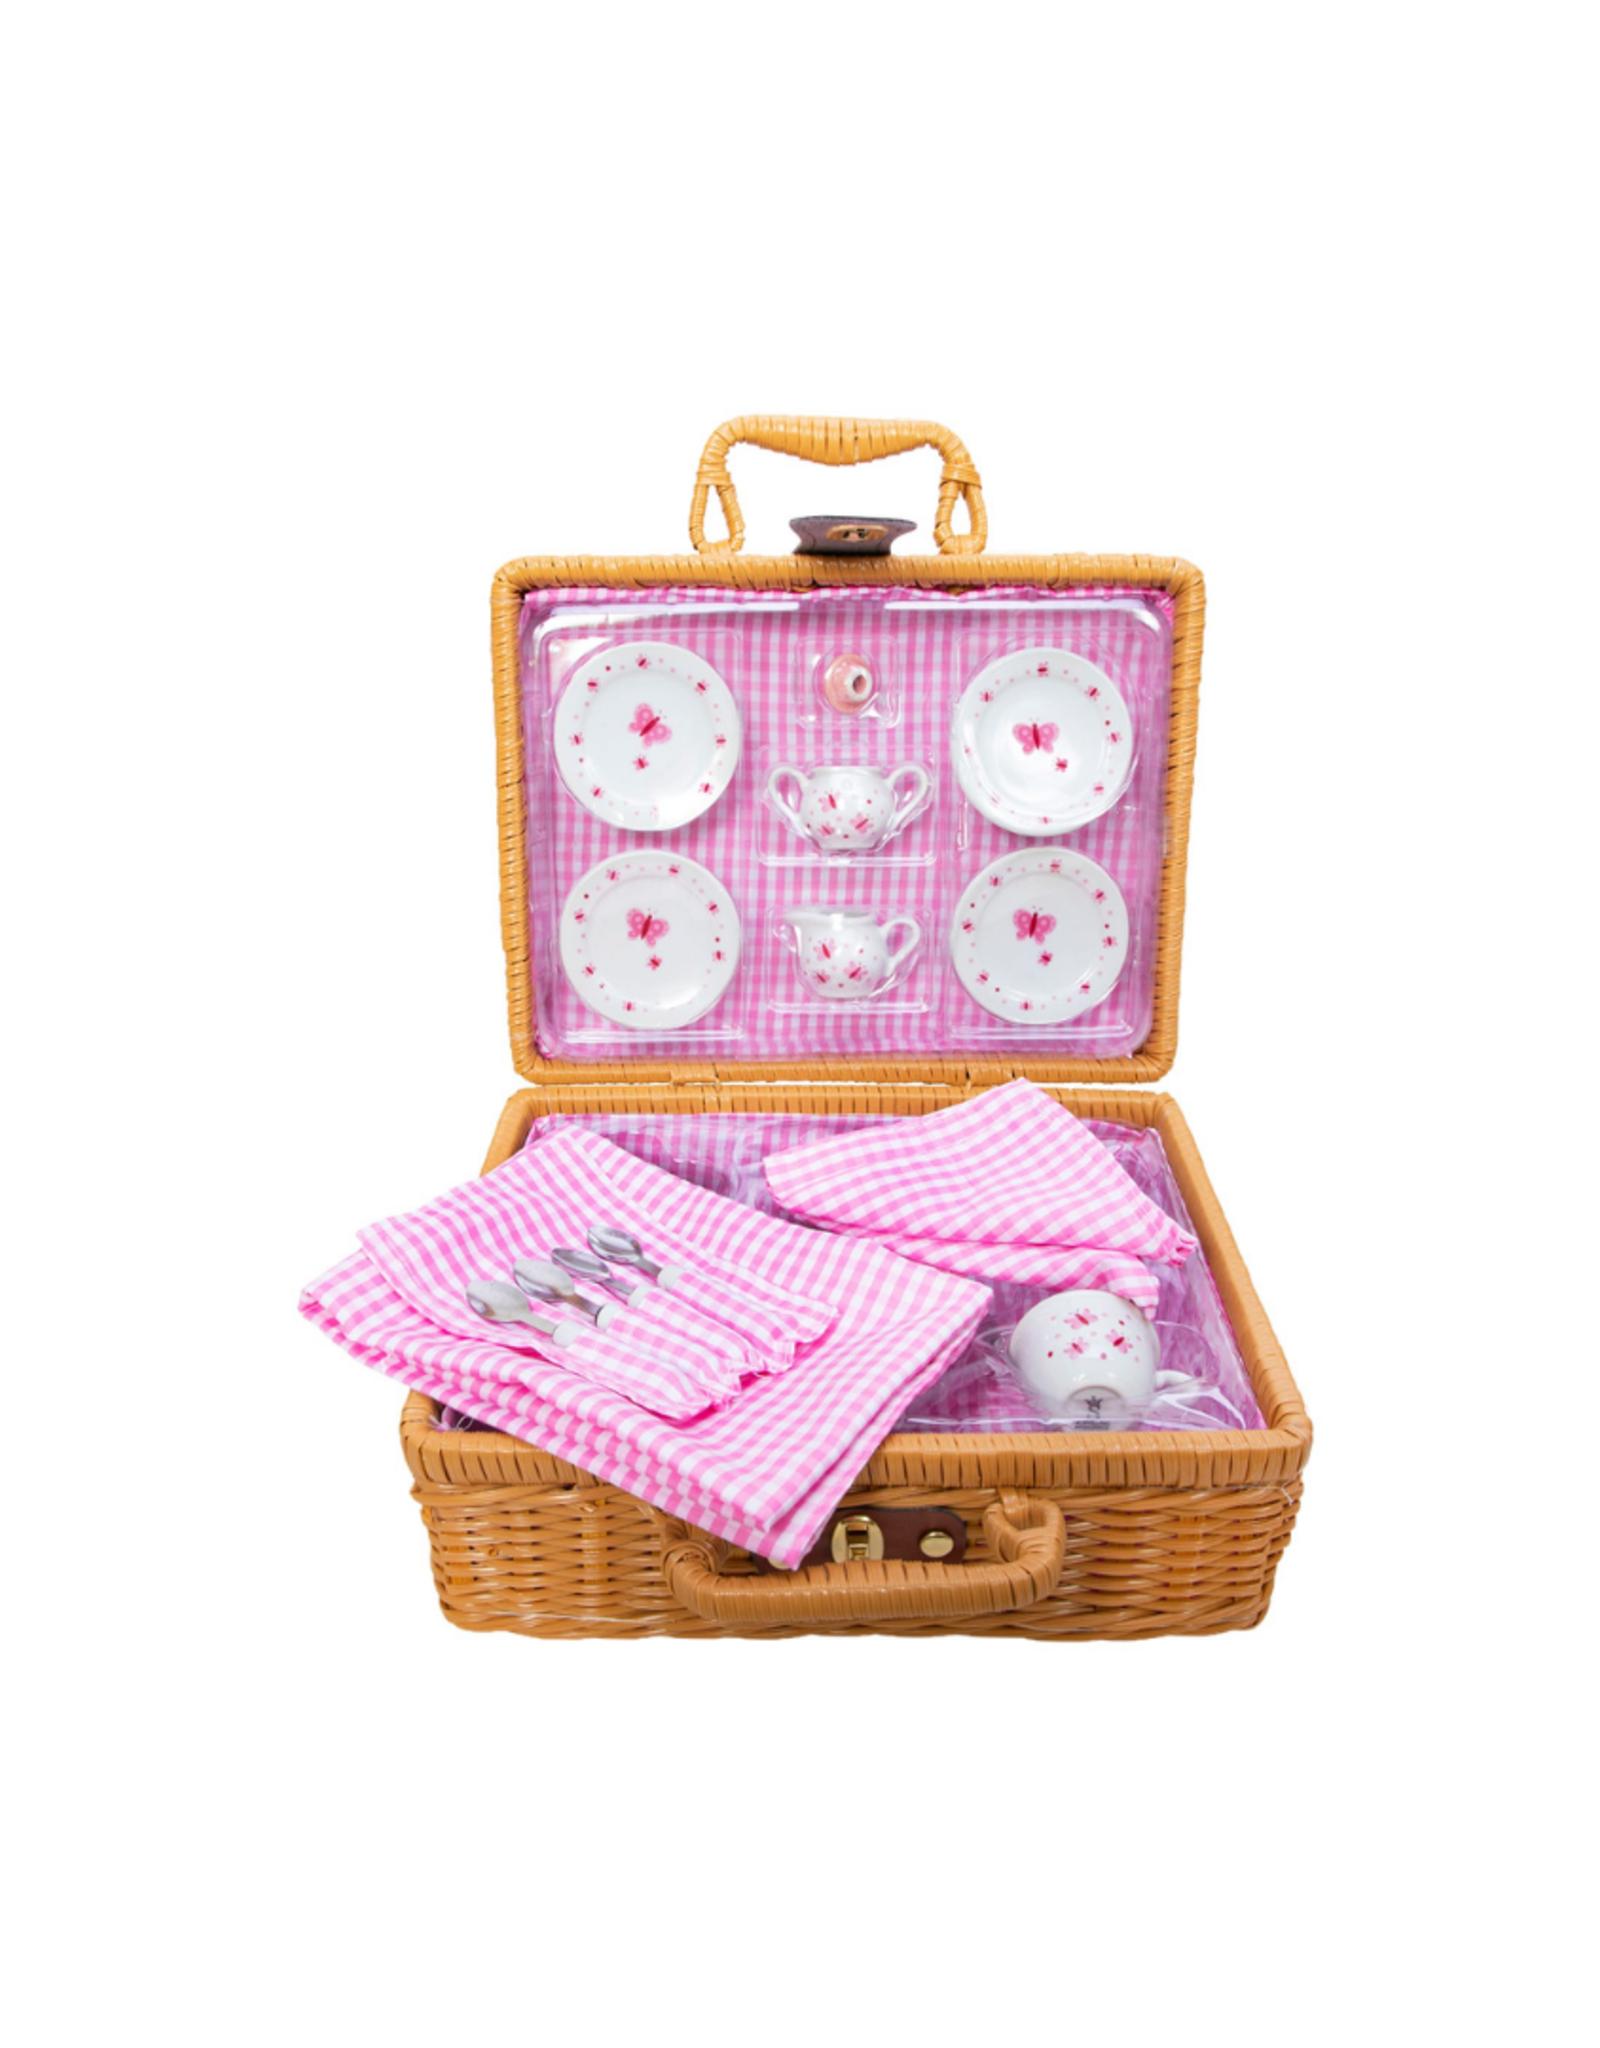 Schylling Porcelain Tea Set in Basket - Butterfly